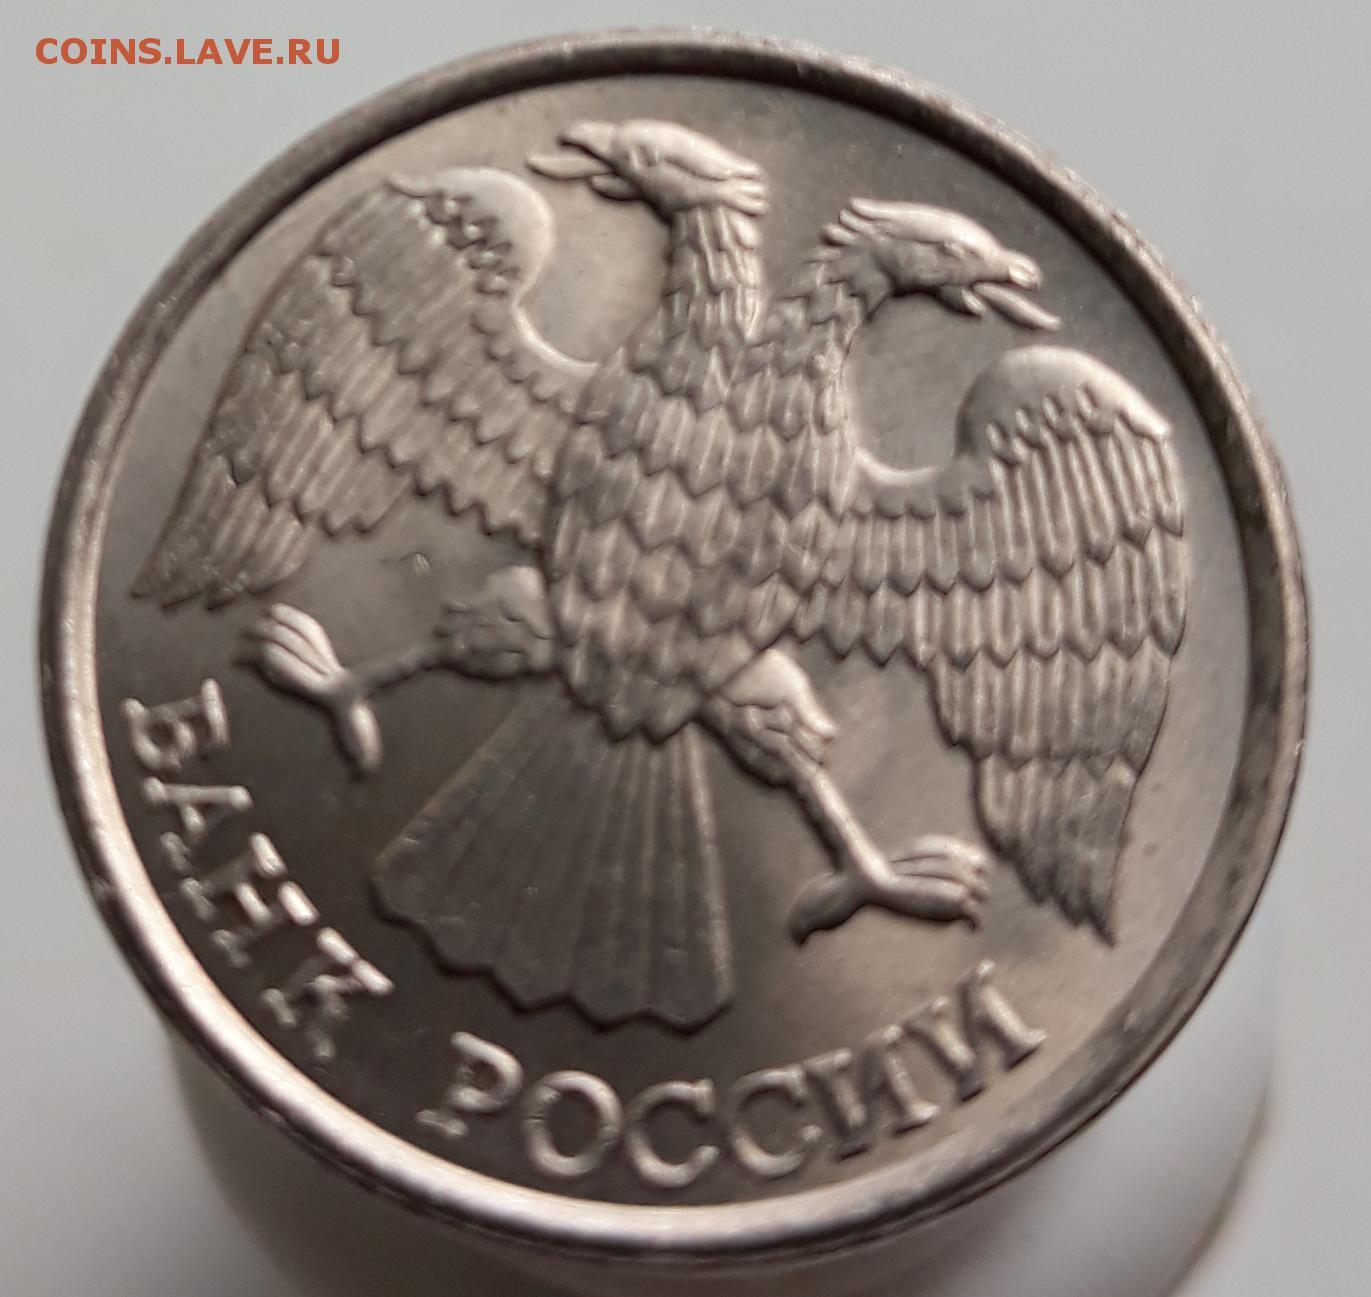 Ставки на спорт от 200 рублей